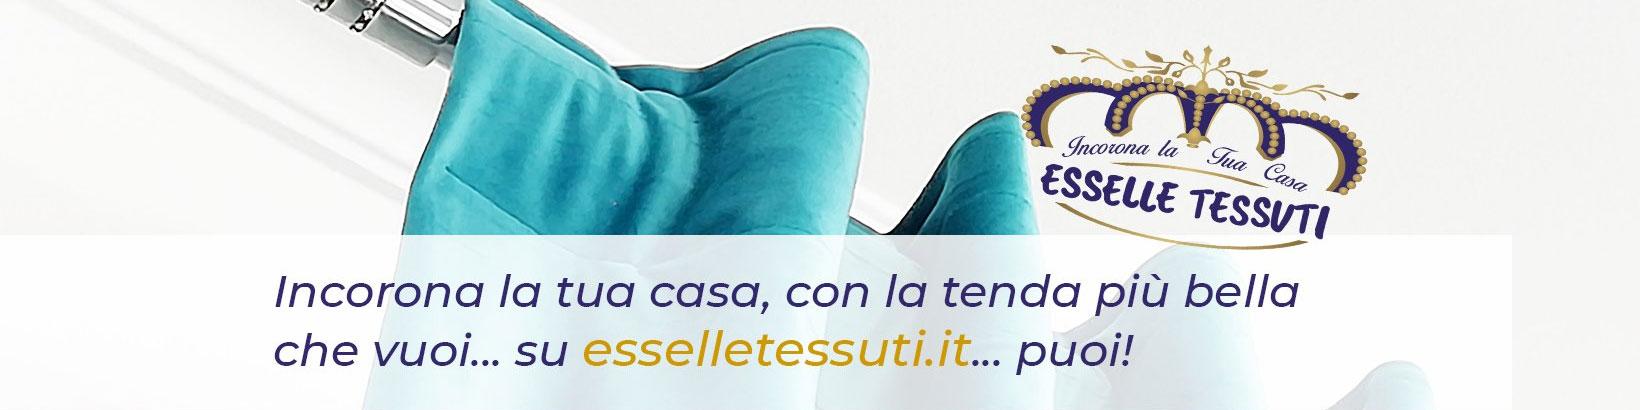 Tende camera da letto acquistabili online